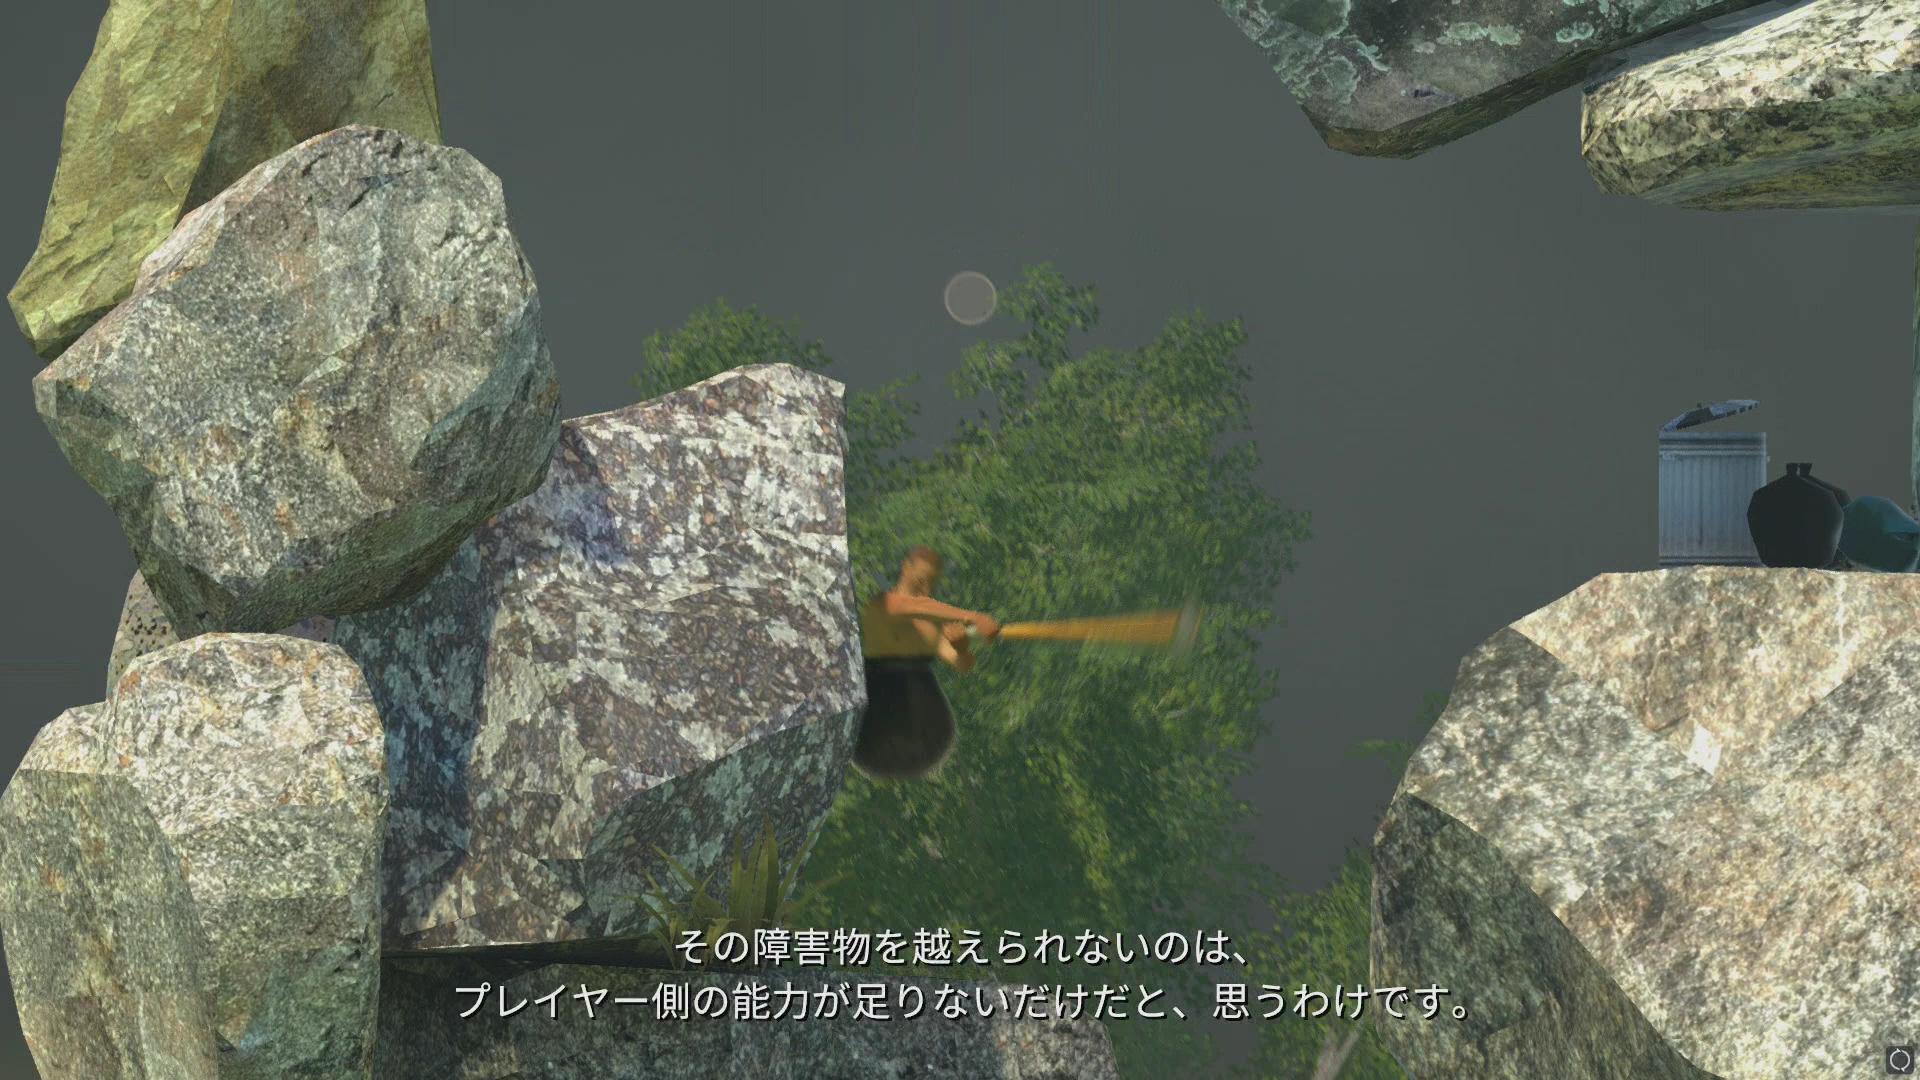 ステージの進行位置によって固定で表示される物もある。途中まで崖を登っていると、本作を製作した経緯や意図などについてのコメントも入ってきた